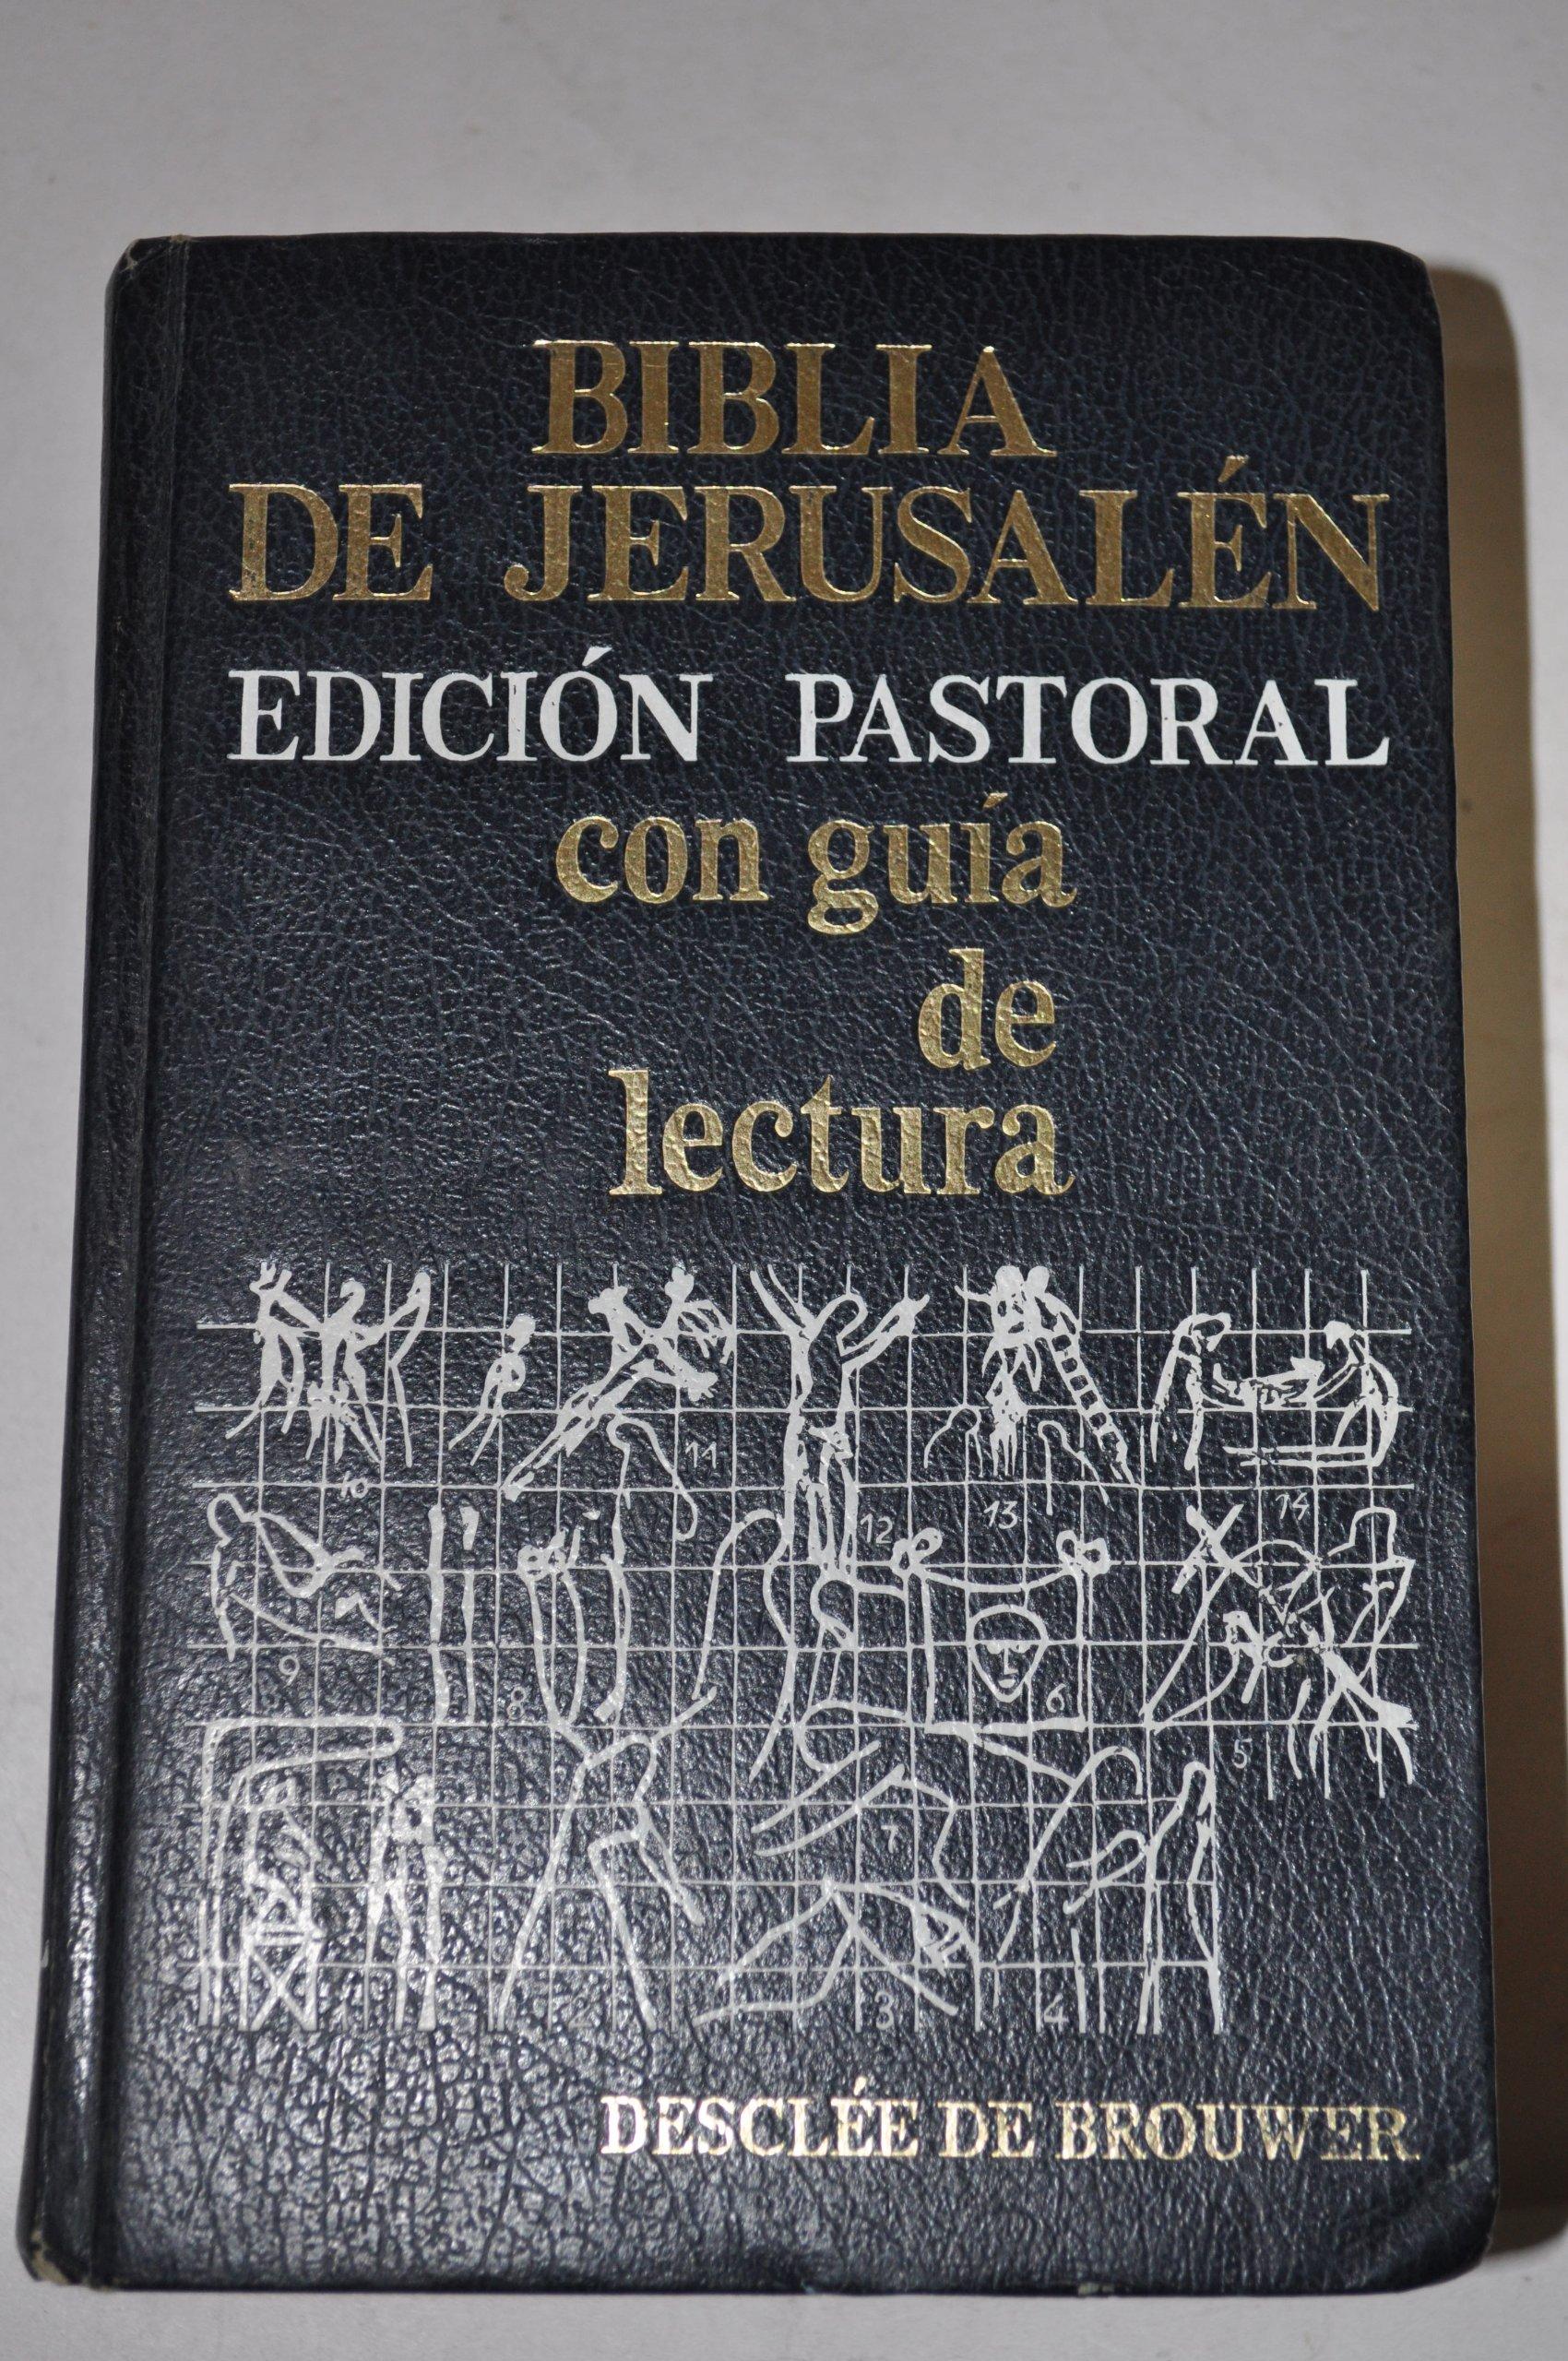 Biblia de Jerusalén. Ed. pastoral: Amazon.es: Biblia: Libros